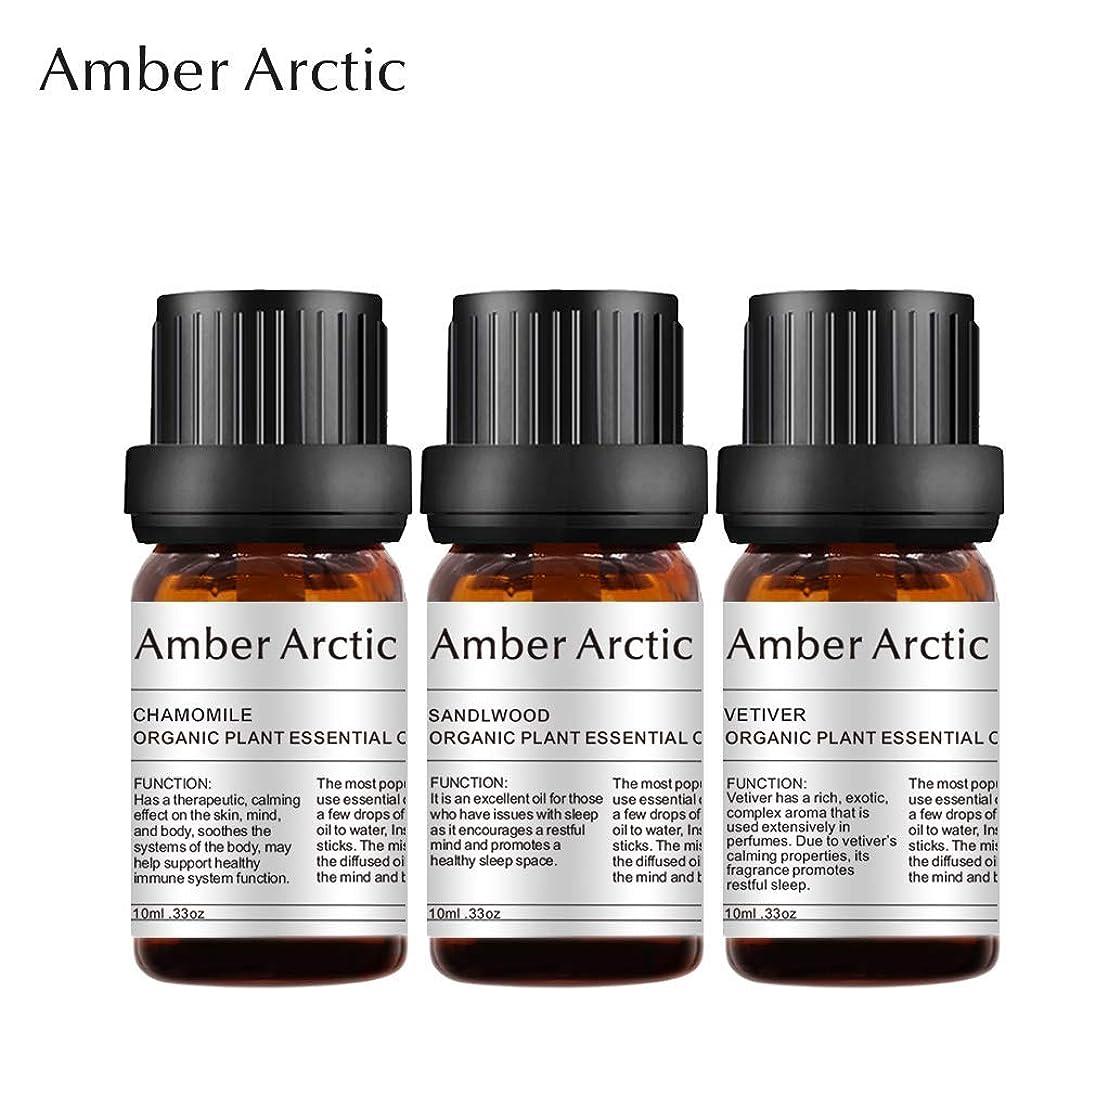 受粉者ポンペイ歴史Amber Arctic ジャスミン サンダル ウッド カモミール 精油 セット、 ディフューザー - 3×10 ミリリットル 用 100% 純粋 天然 アロマ エッセンシャル オイル